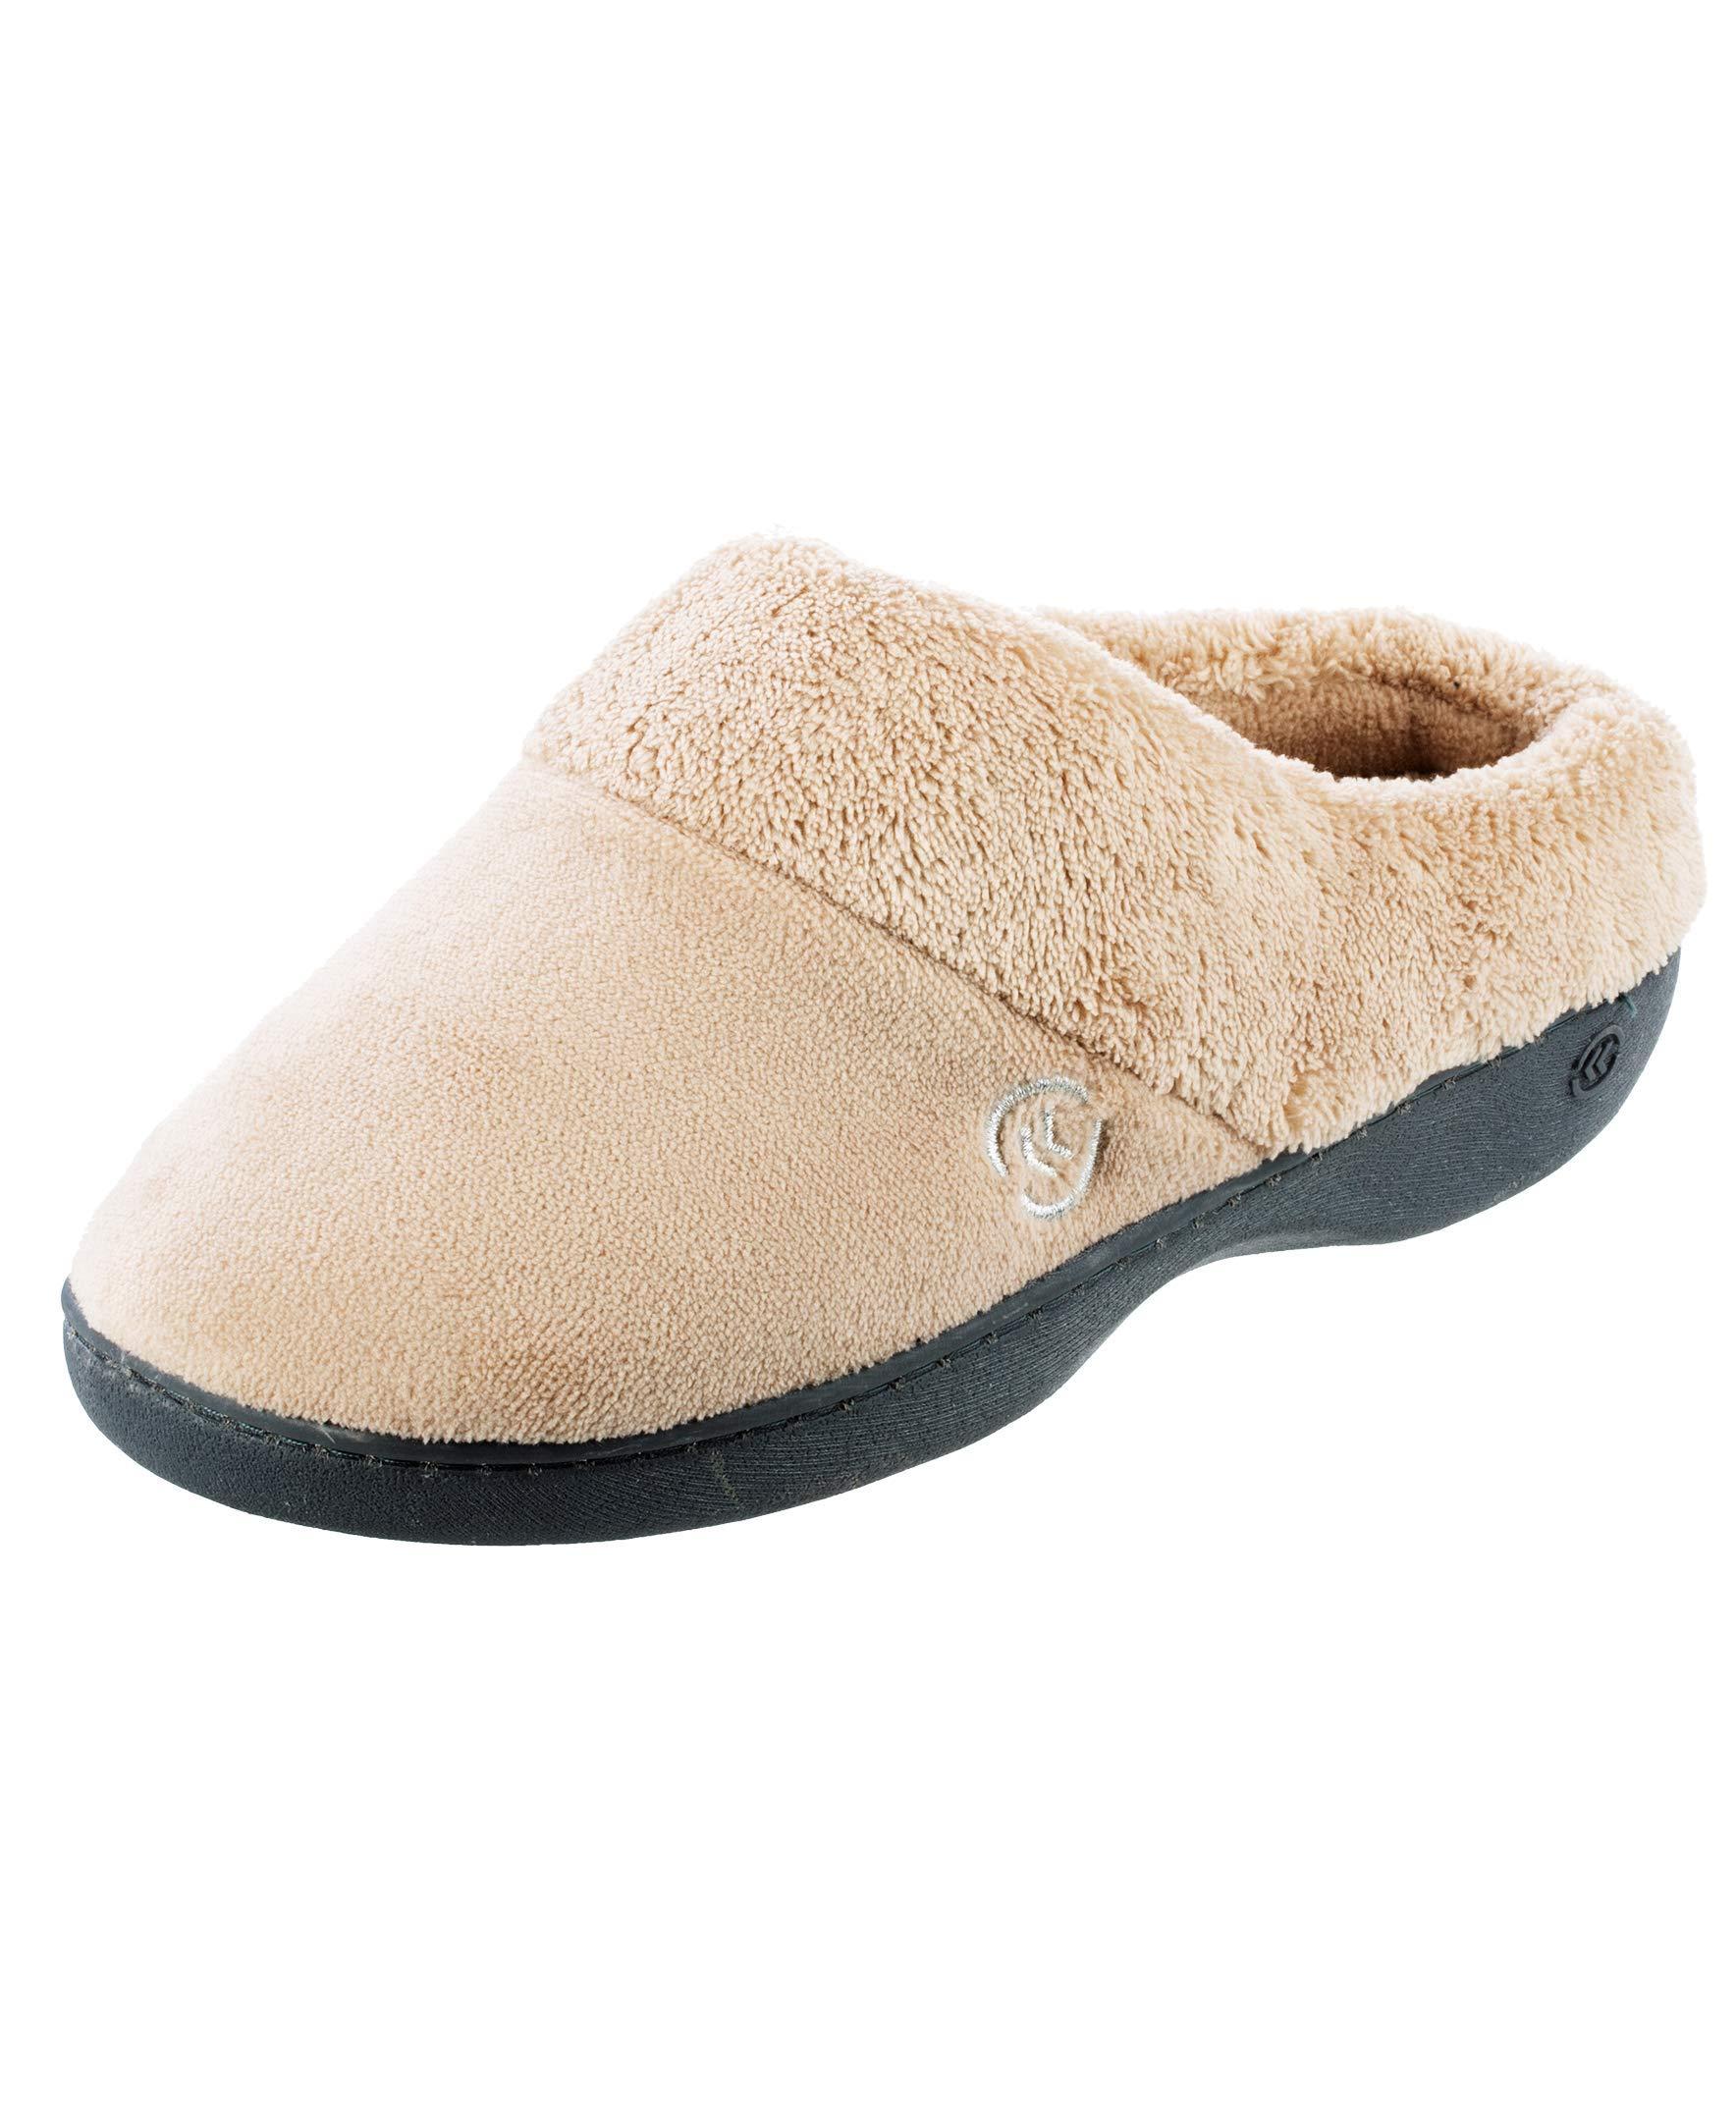 isotoner Women's Terry Slip In Clog, Memory Foam, Comfort and Arch Support, Indoor/Outdoor